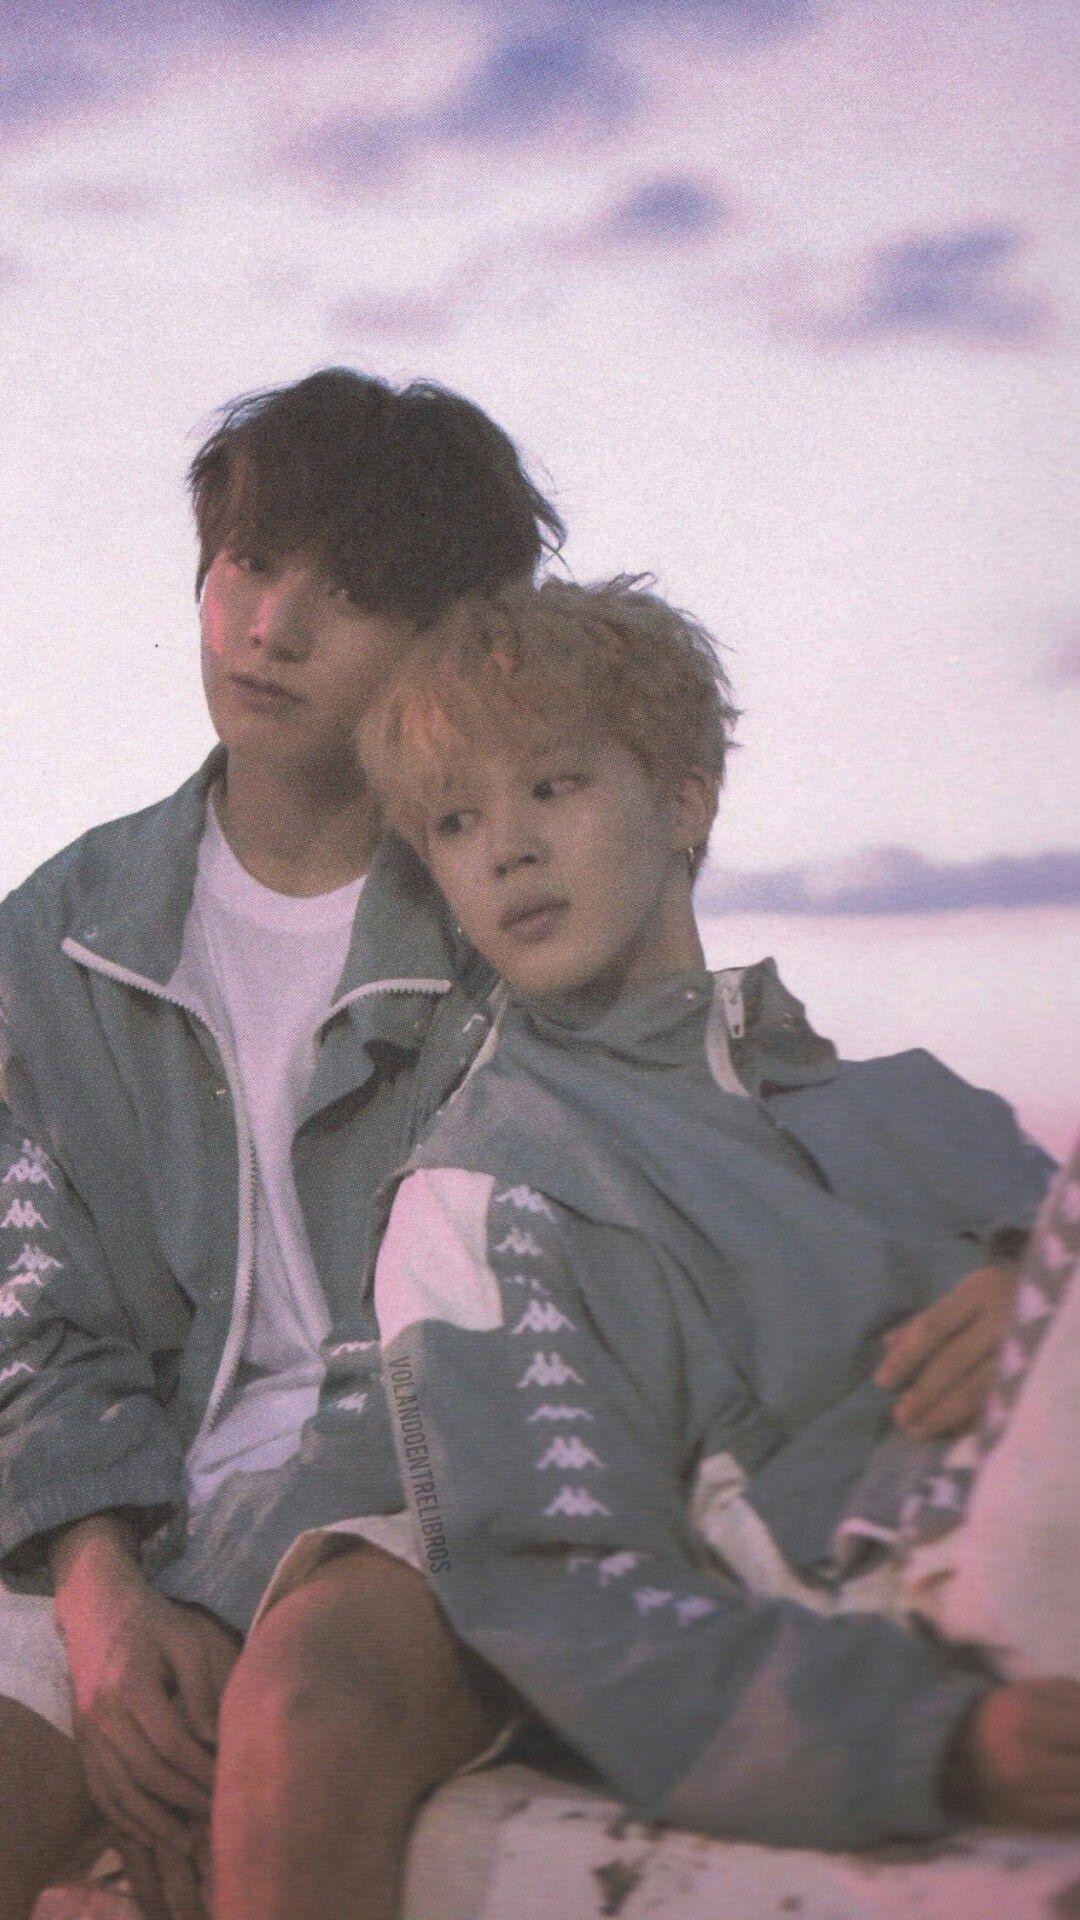 Jungkook Jimin BTS 2018 Season s greetings ♡